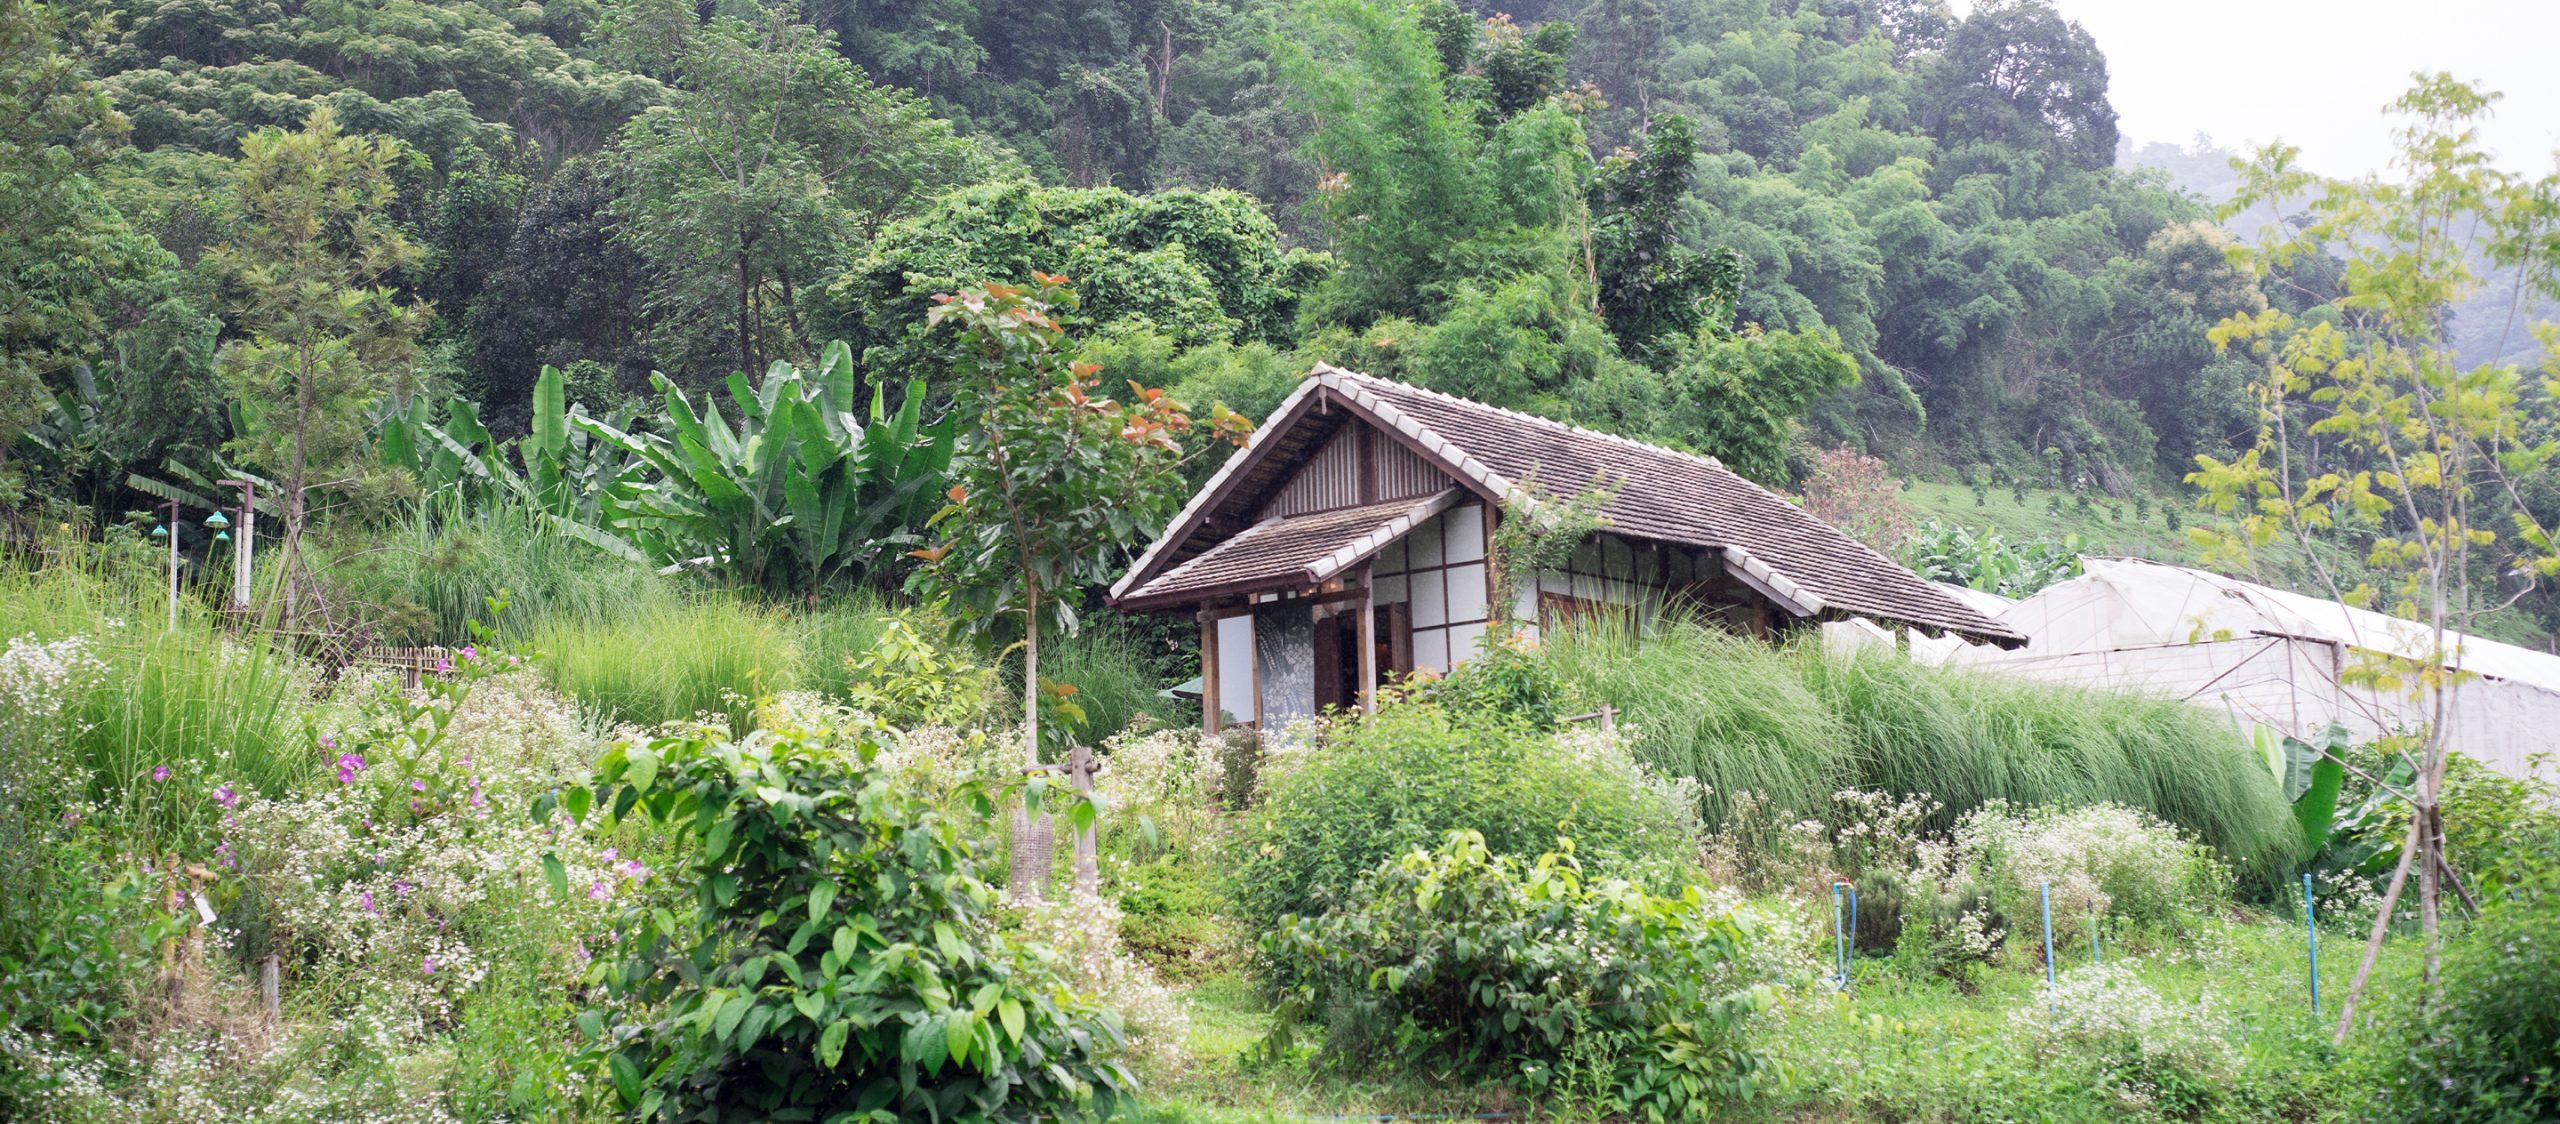 พักใจใน Mori Natural Farm บ้านเล็กในป่าใหญ่สไตล์ญี่ปุ่น แต่สร้างจากไม้ล้านนาแต๊ๆ เจ้า